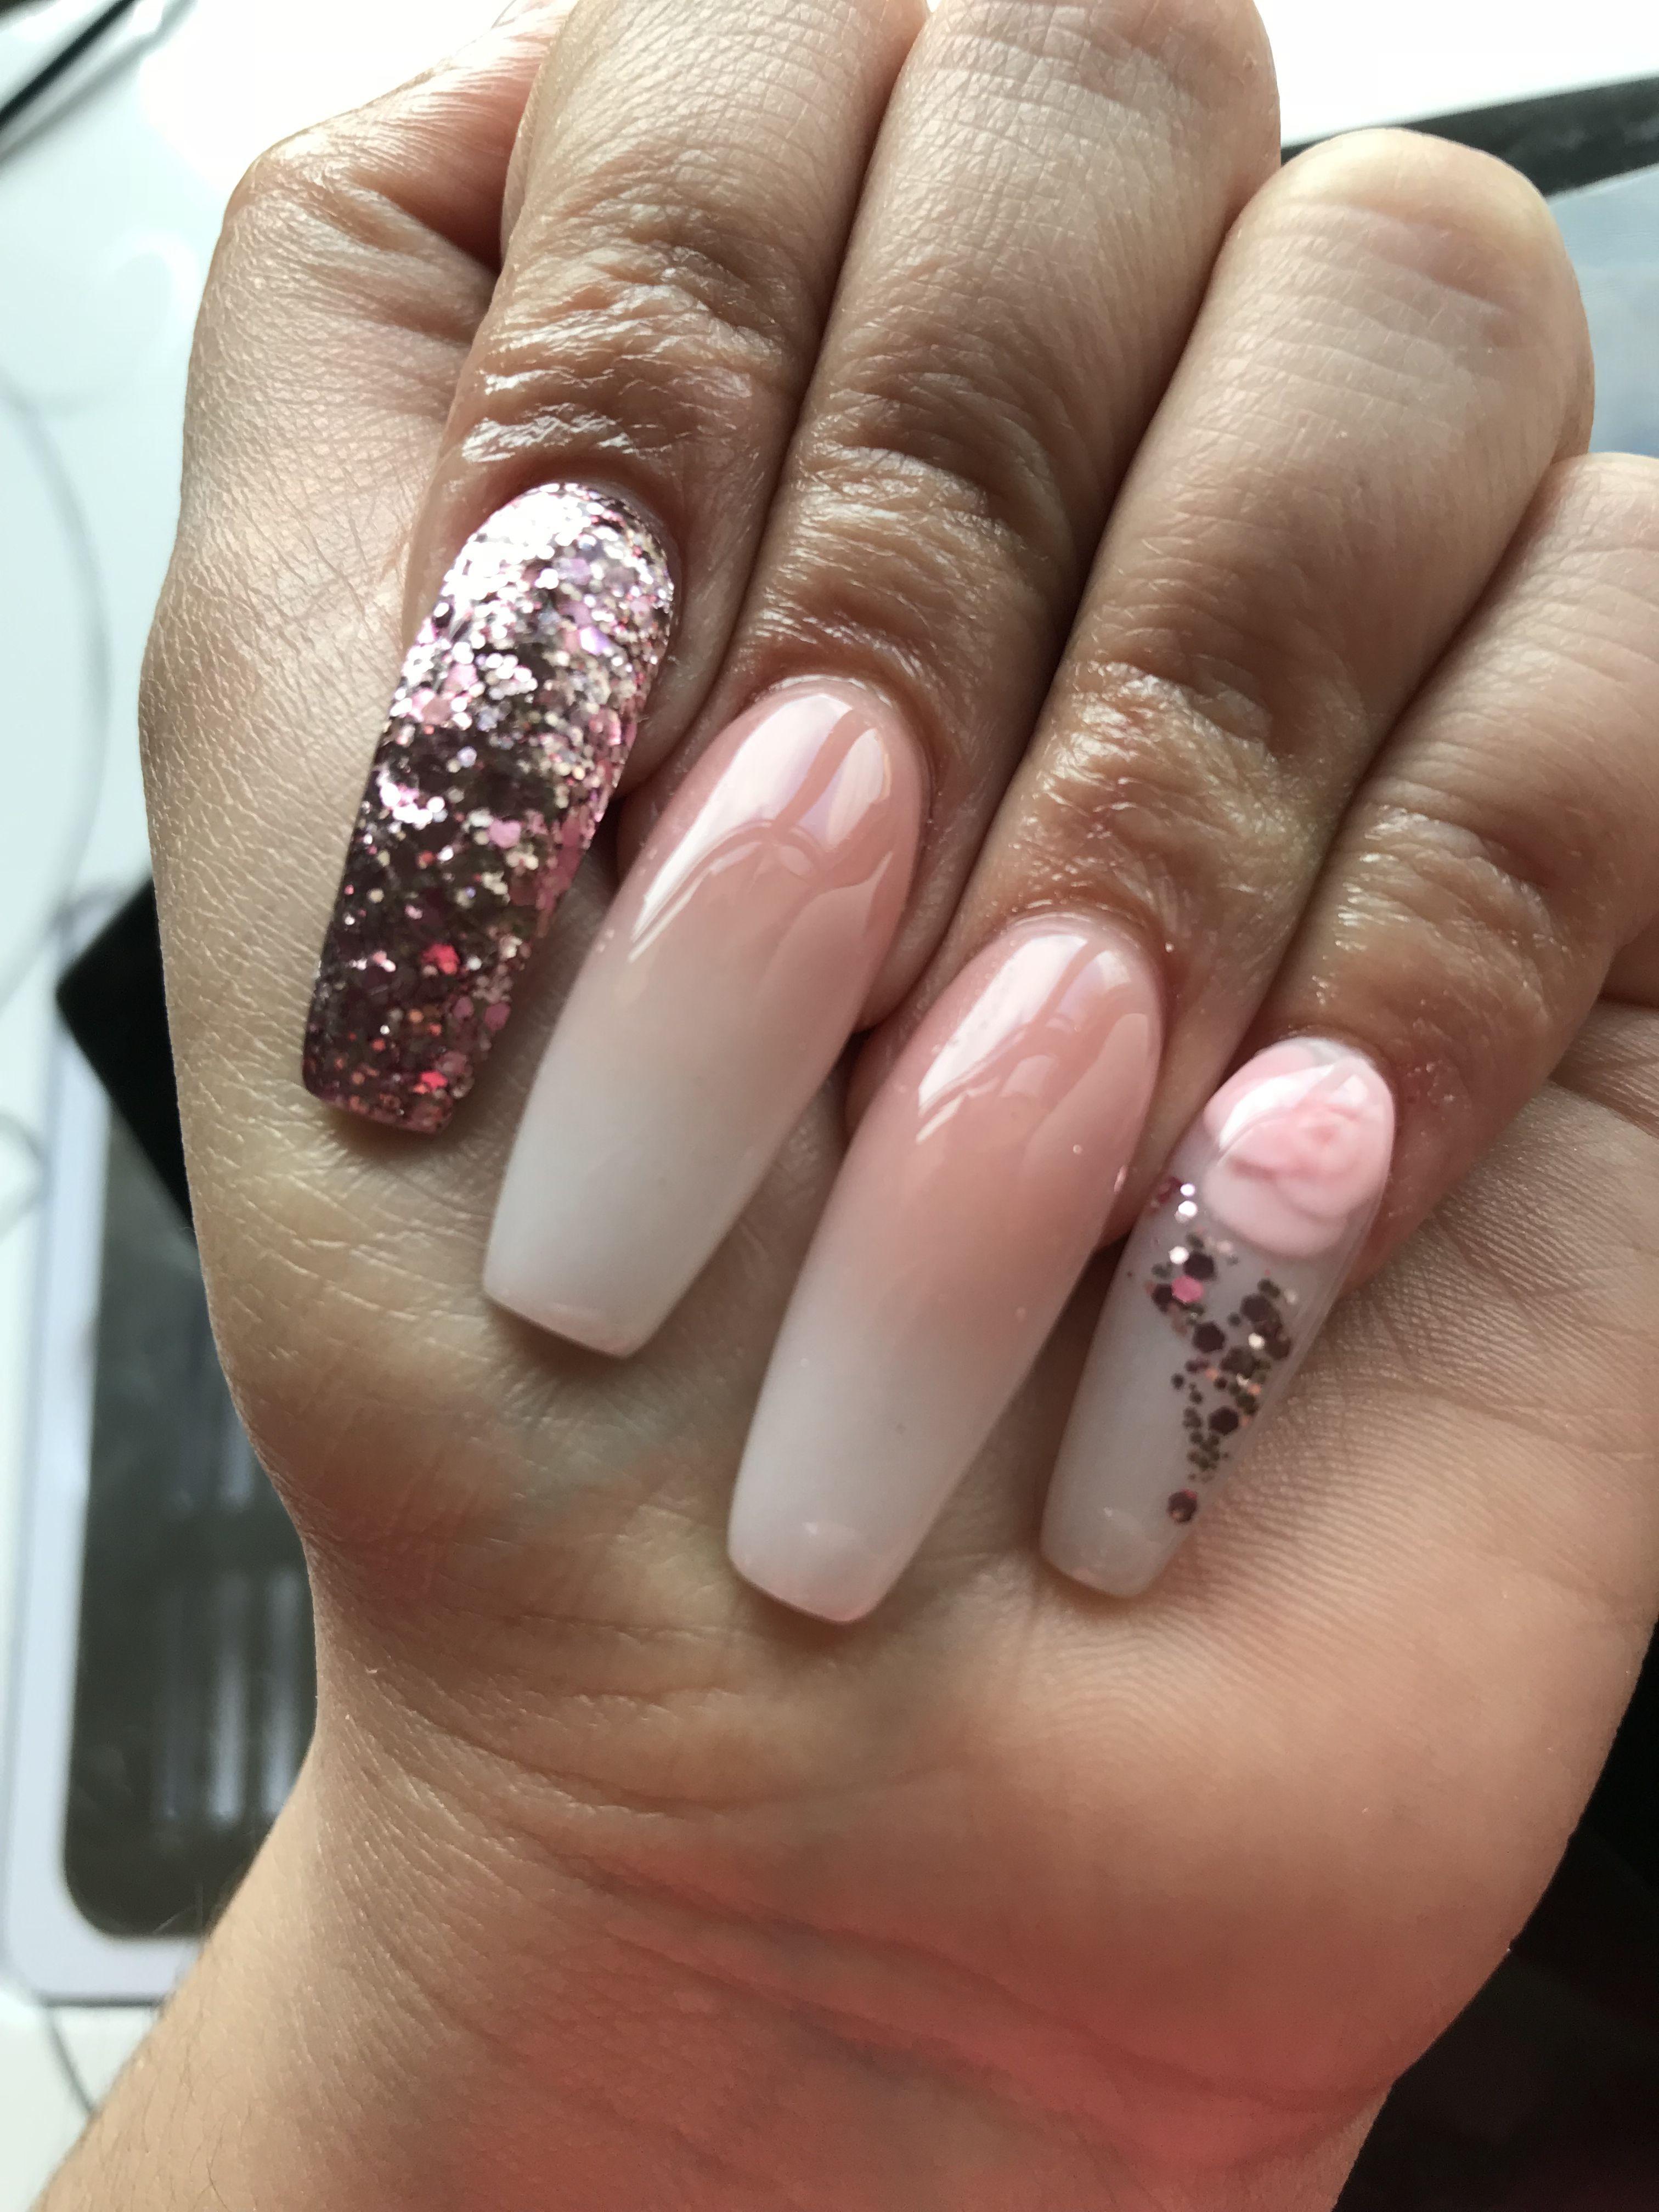 Coffin shape nails, long nails, nail art, glitter nails, French ...